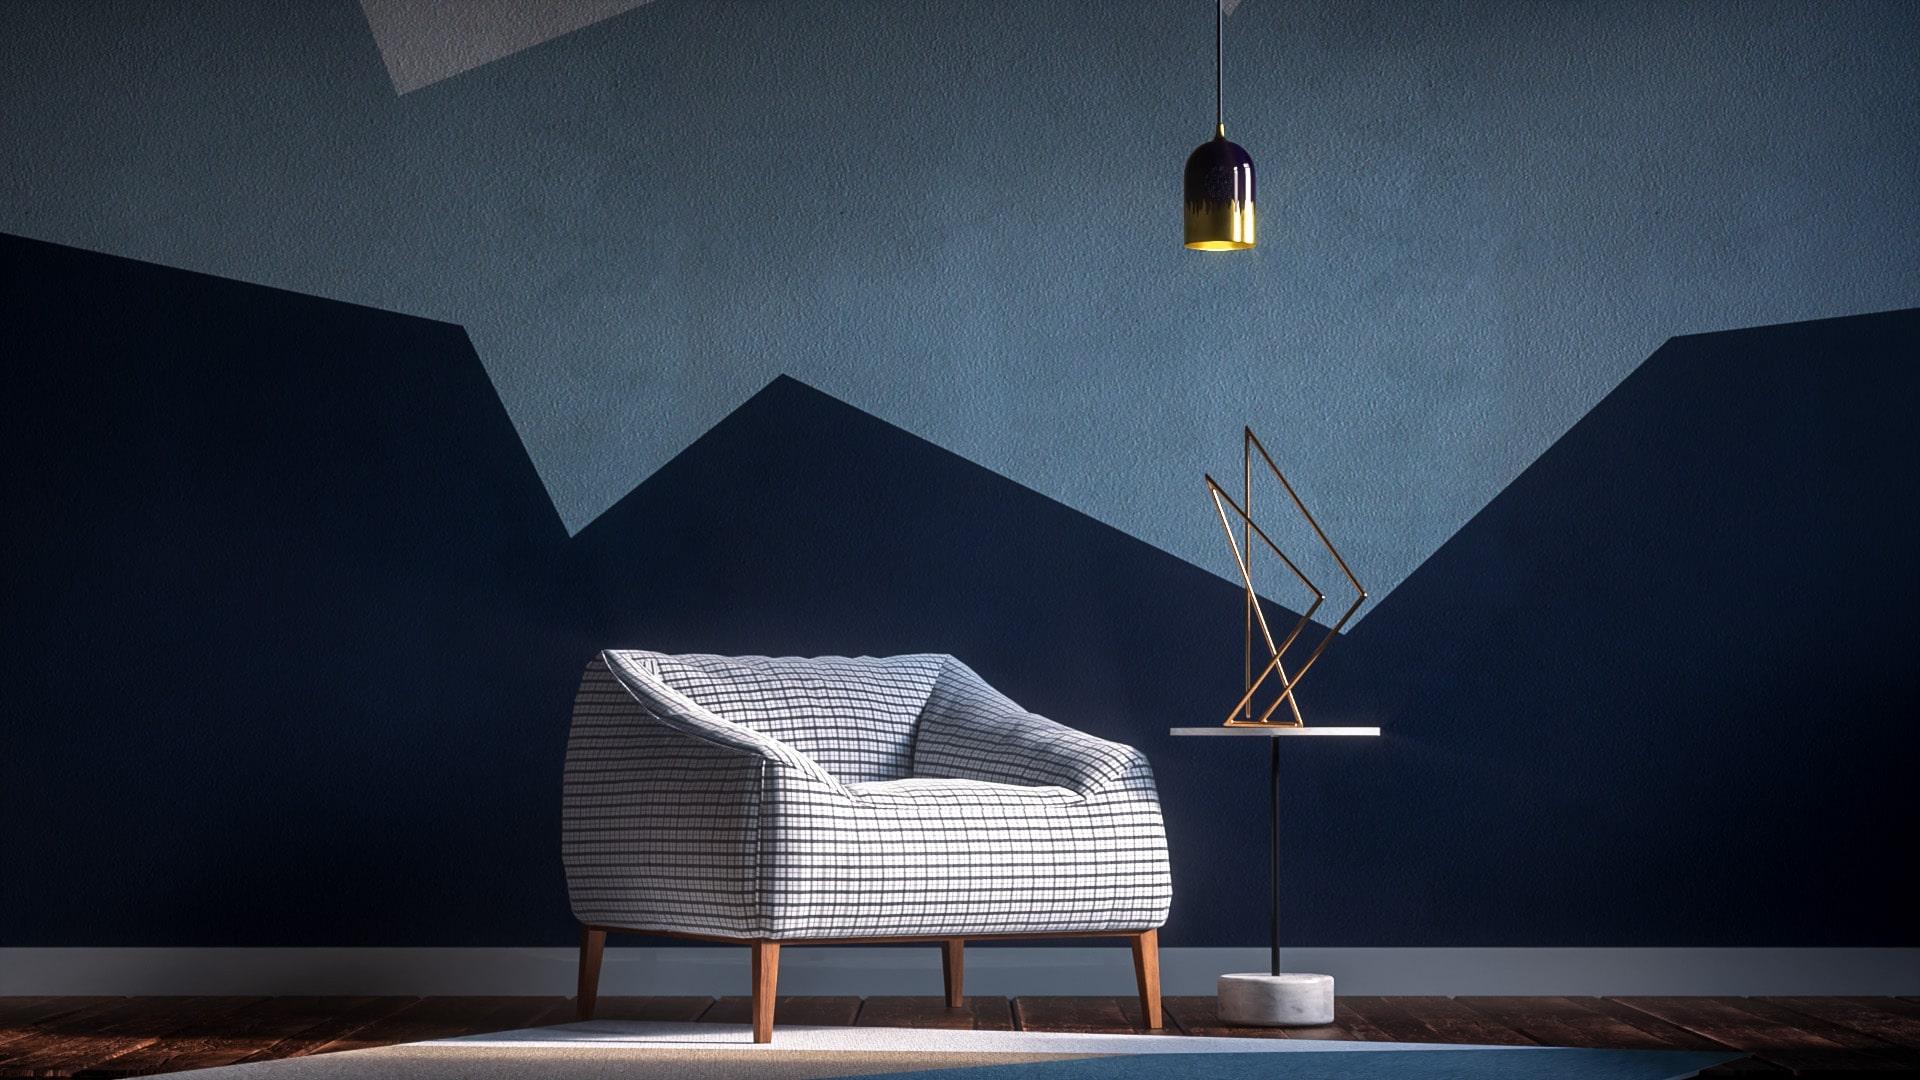 Architekturvisualisierung eines Wohnzimmers